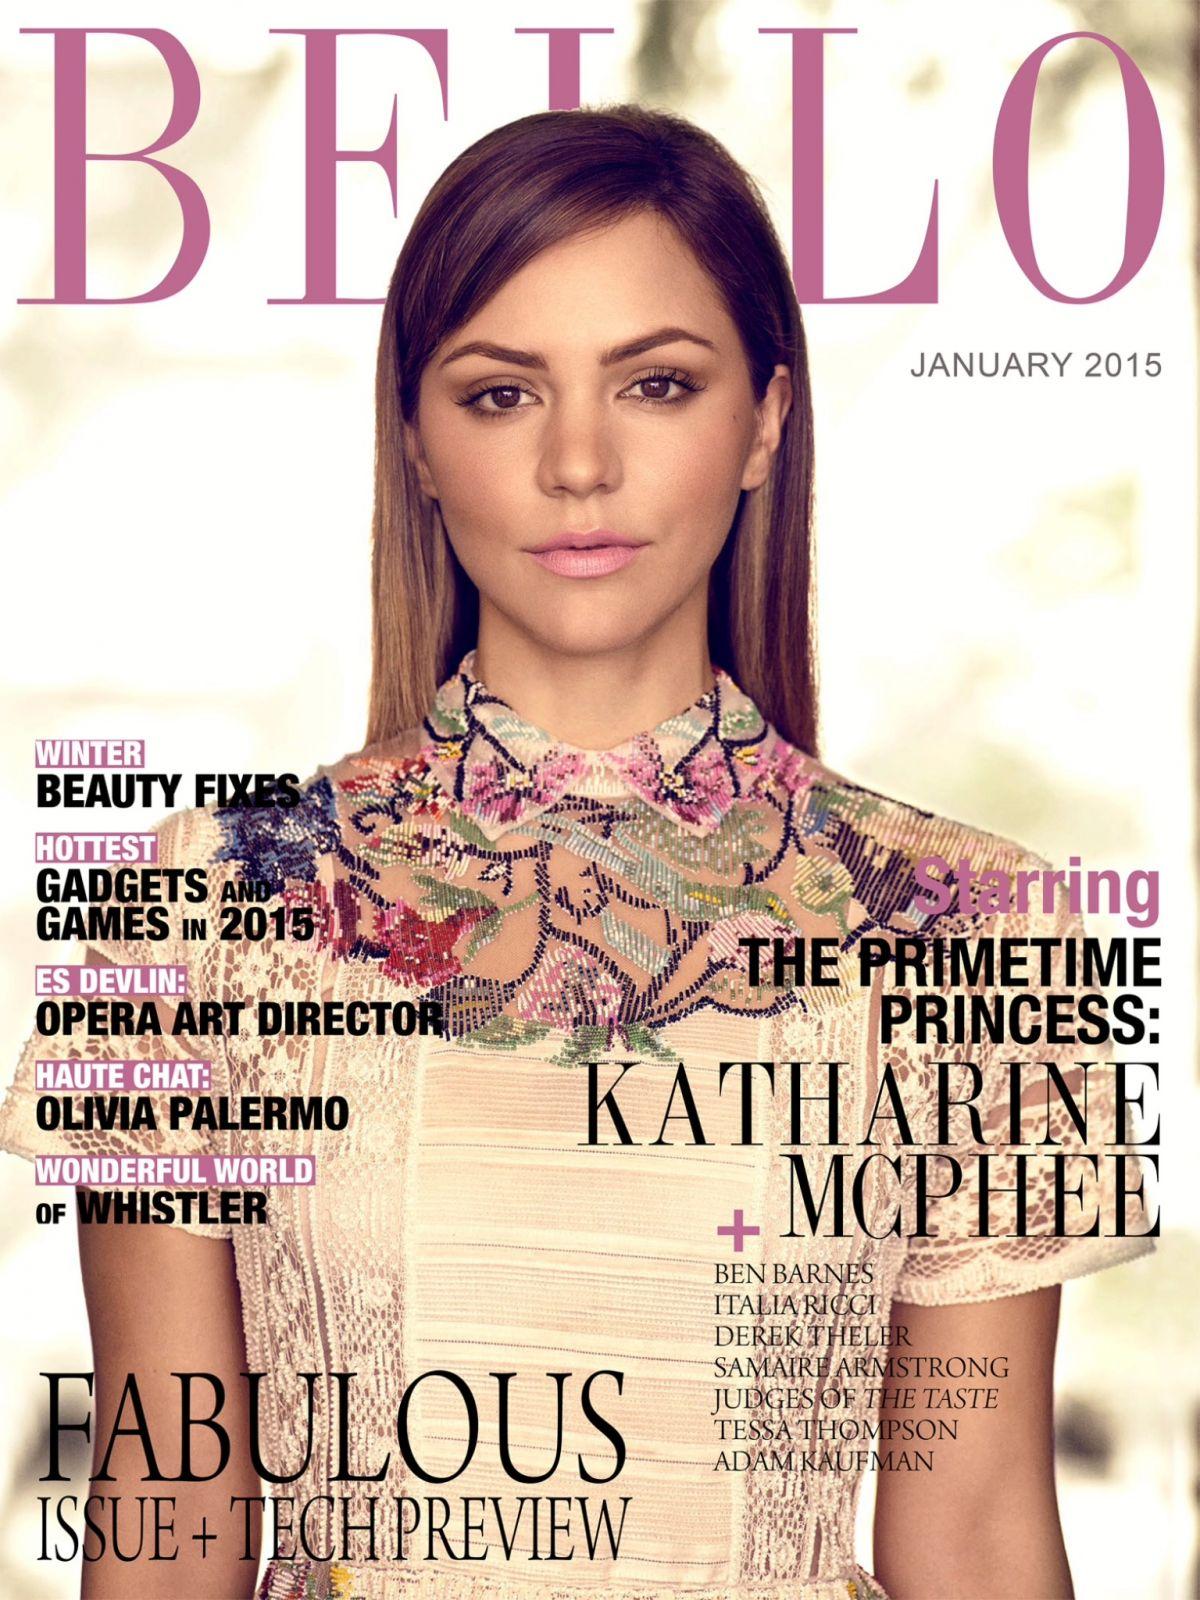 KATHARINE MCPHEE in Bello Magazine, Janauary 2015 Issue